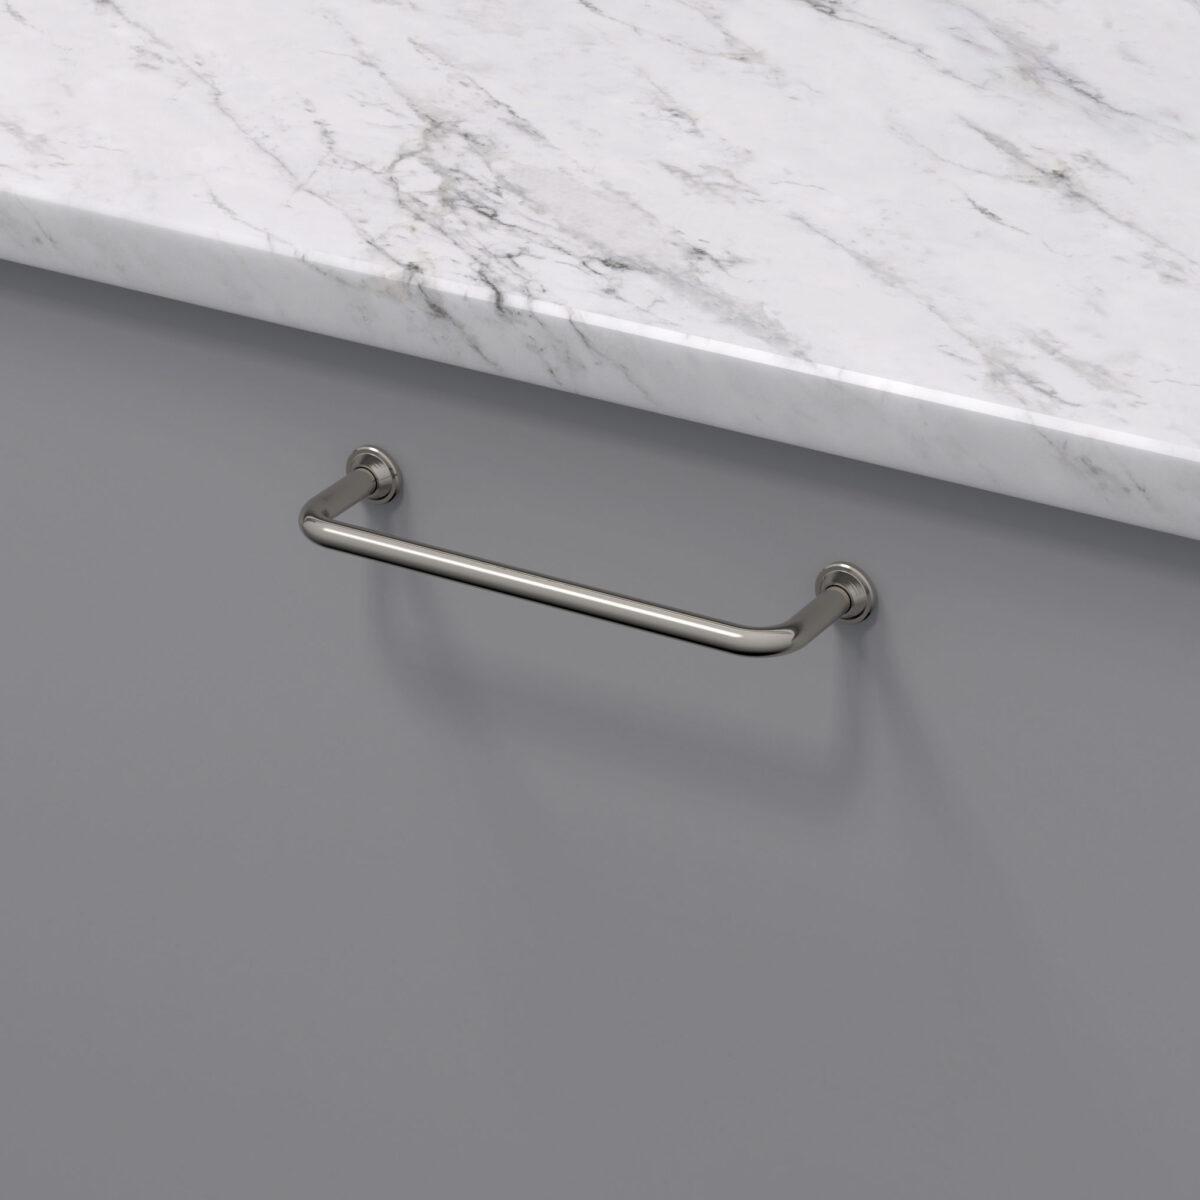 Handtag 1353 fornicklad 33061 11 cc 128 mm ncs s 4500 n marmor carrara